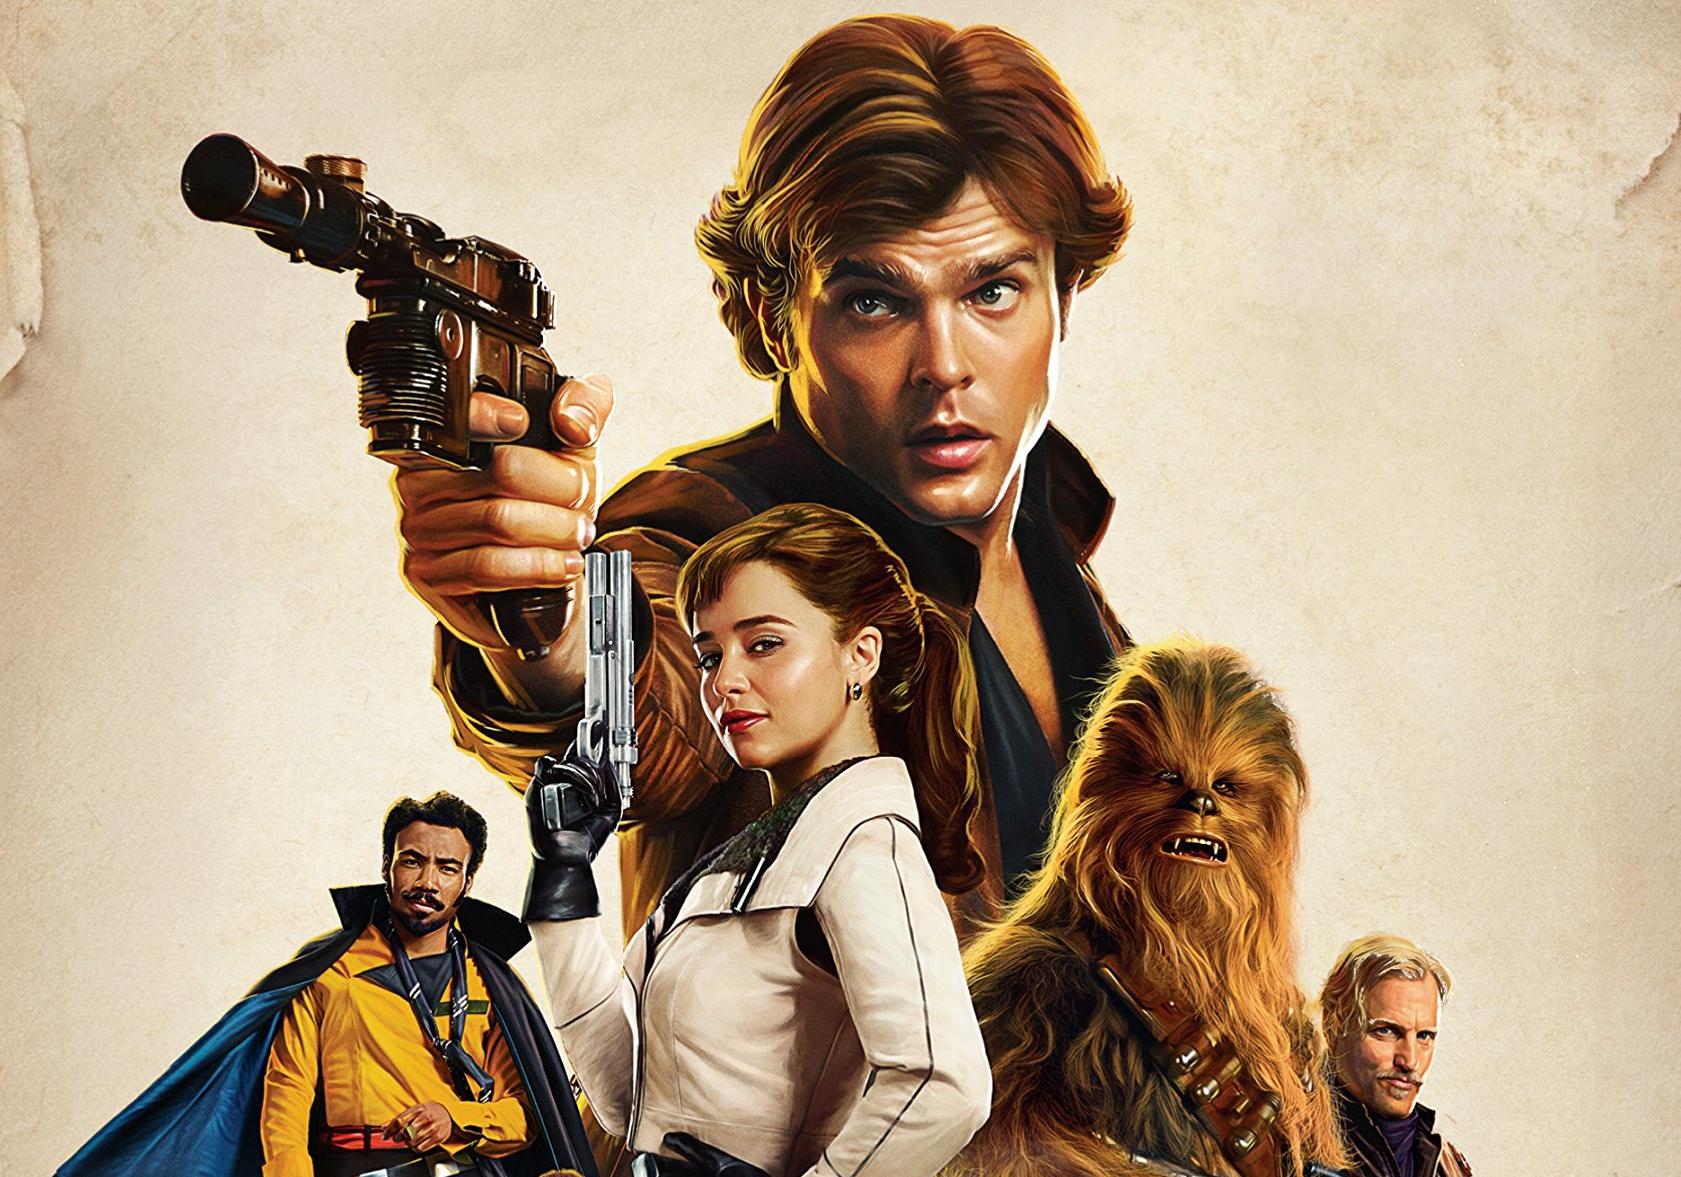 mondadori star wars Solo novel evidenza